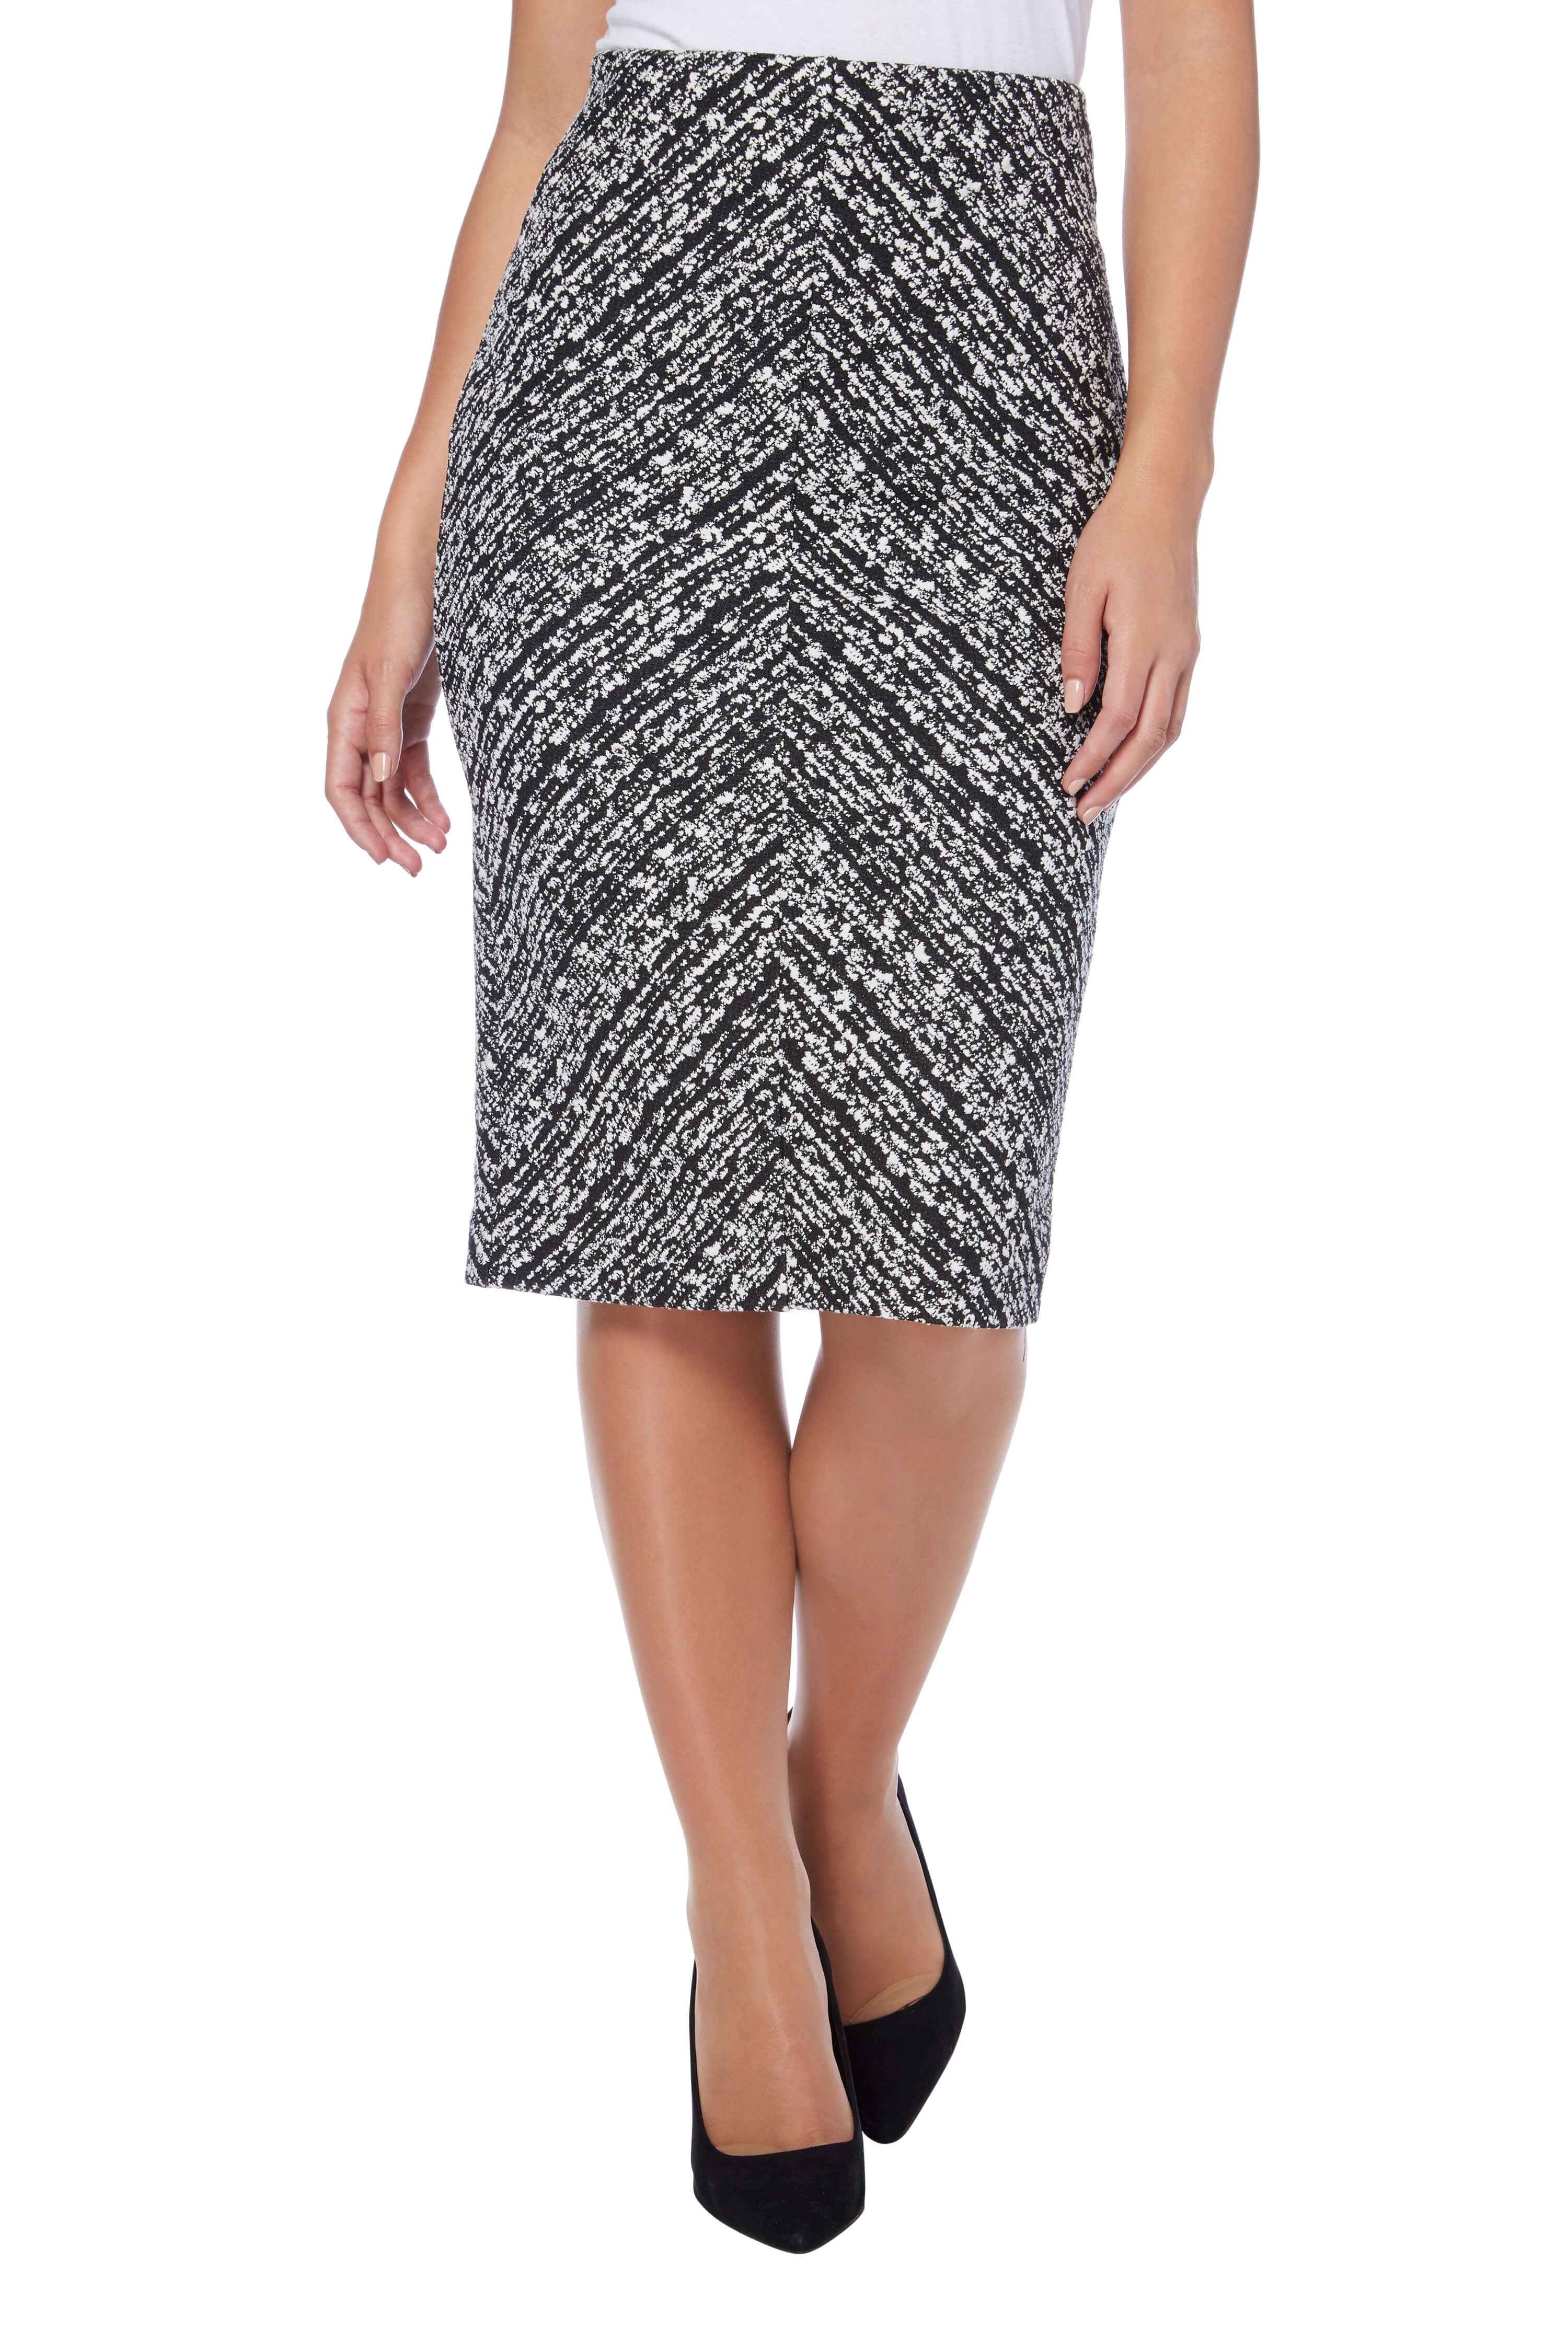 thumbnail 47 - Roman Originals Women's Textured Cotton Mix Jersey Short Skirt Formal Work Wear